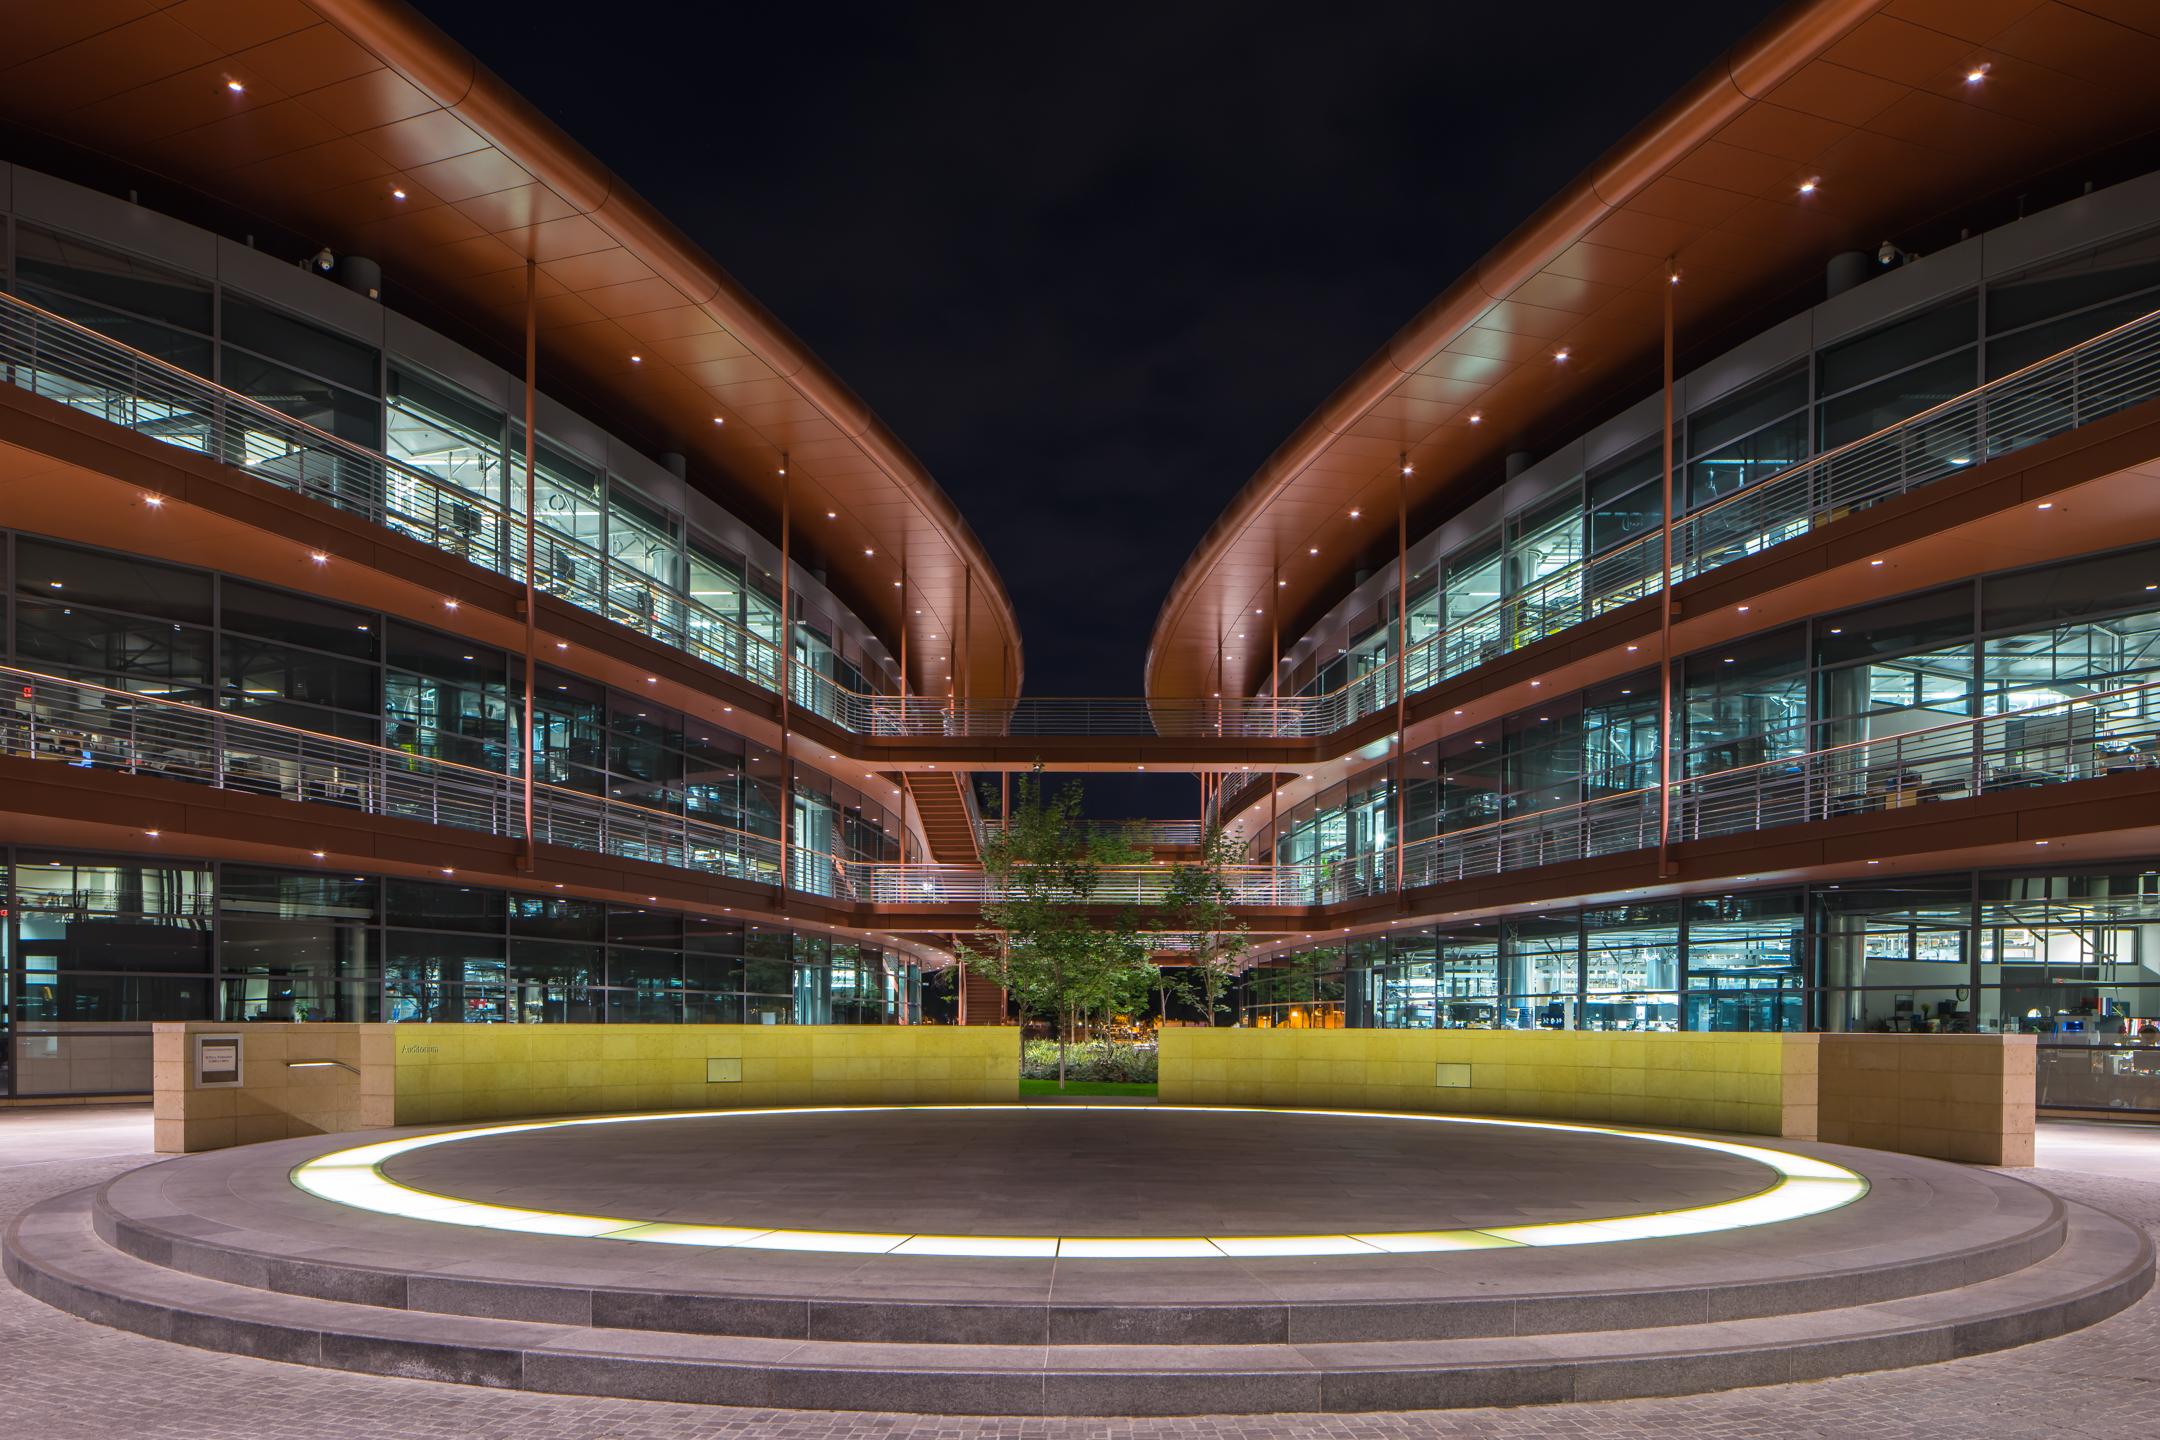 Clark Center Stanford University